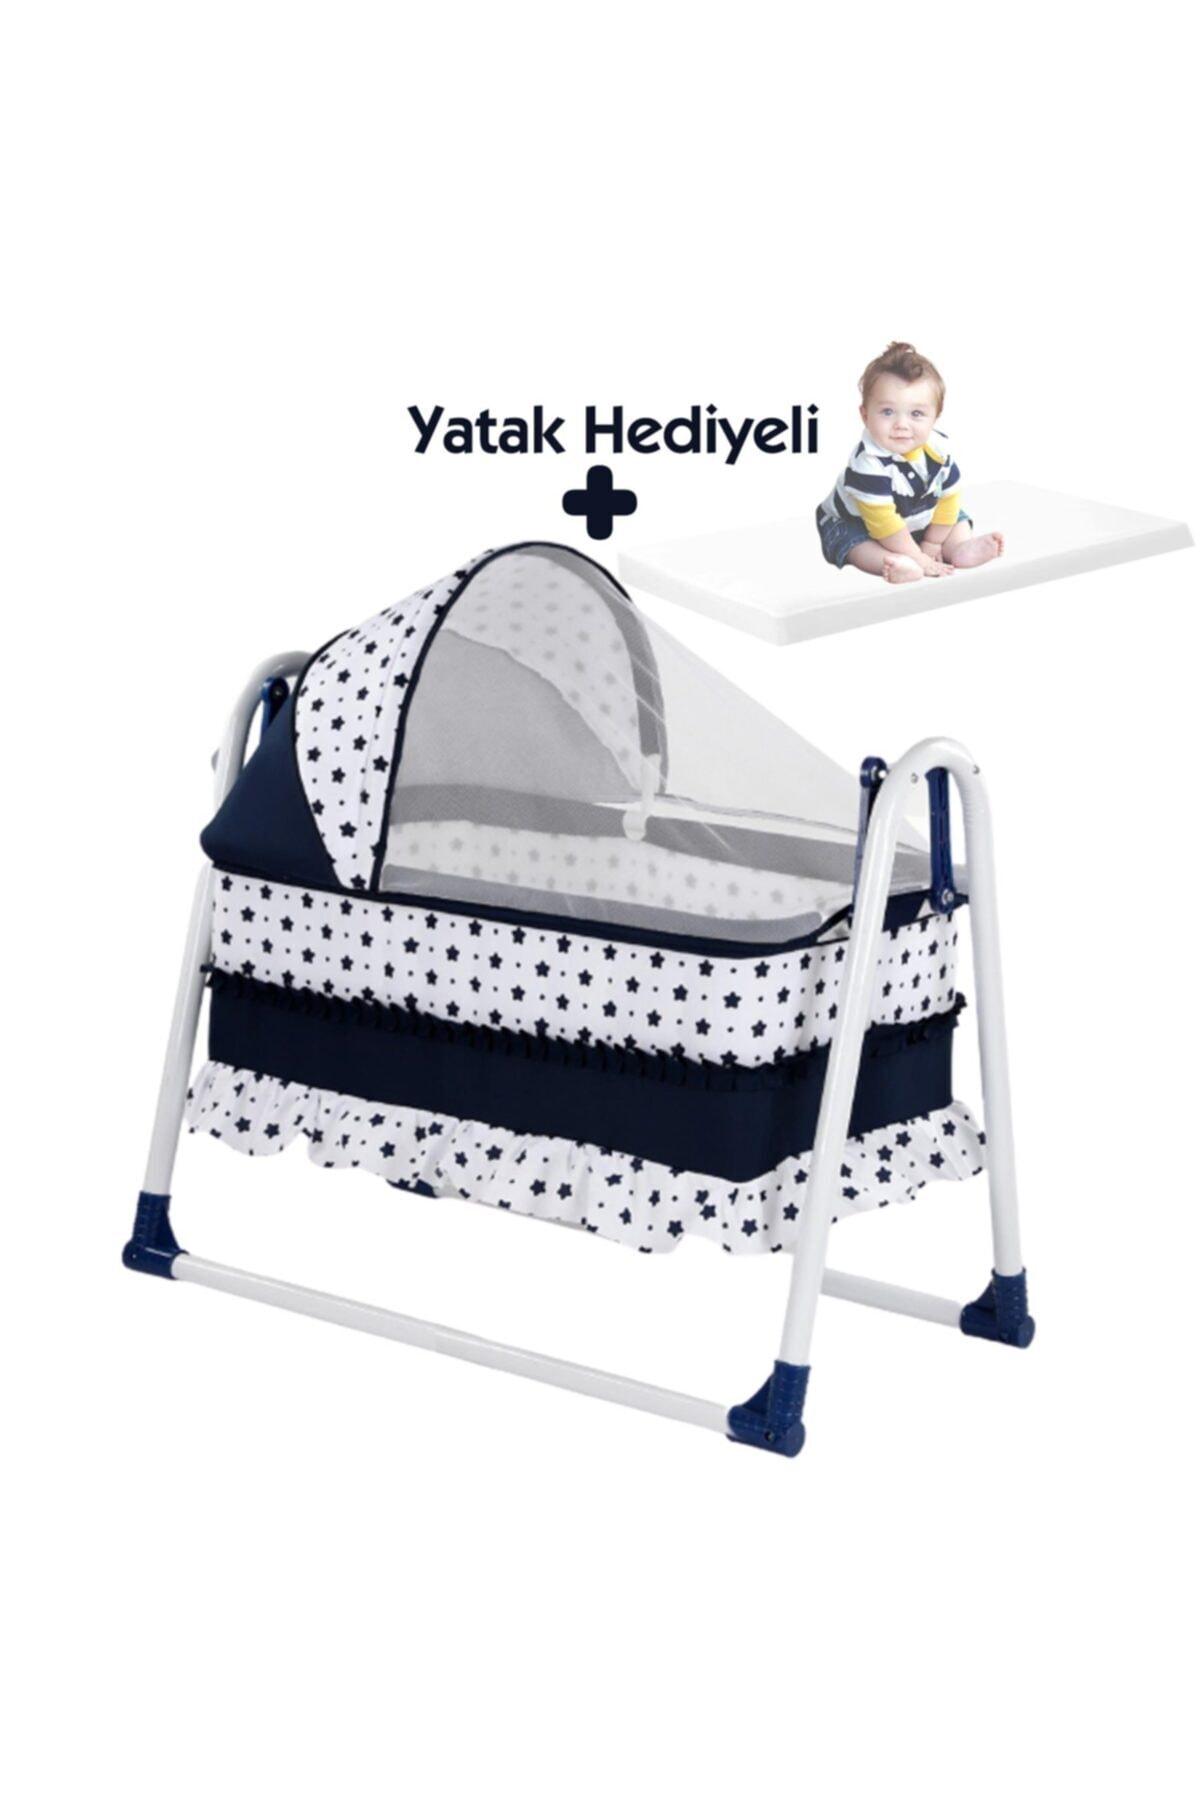 bebegen Elit Portatif Sallanır Bebek Beşik Laci 1